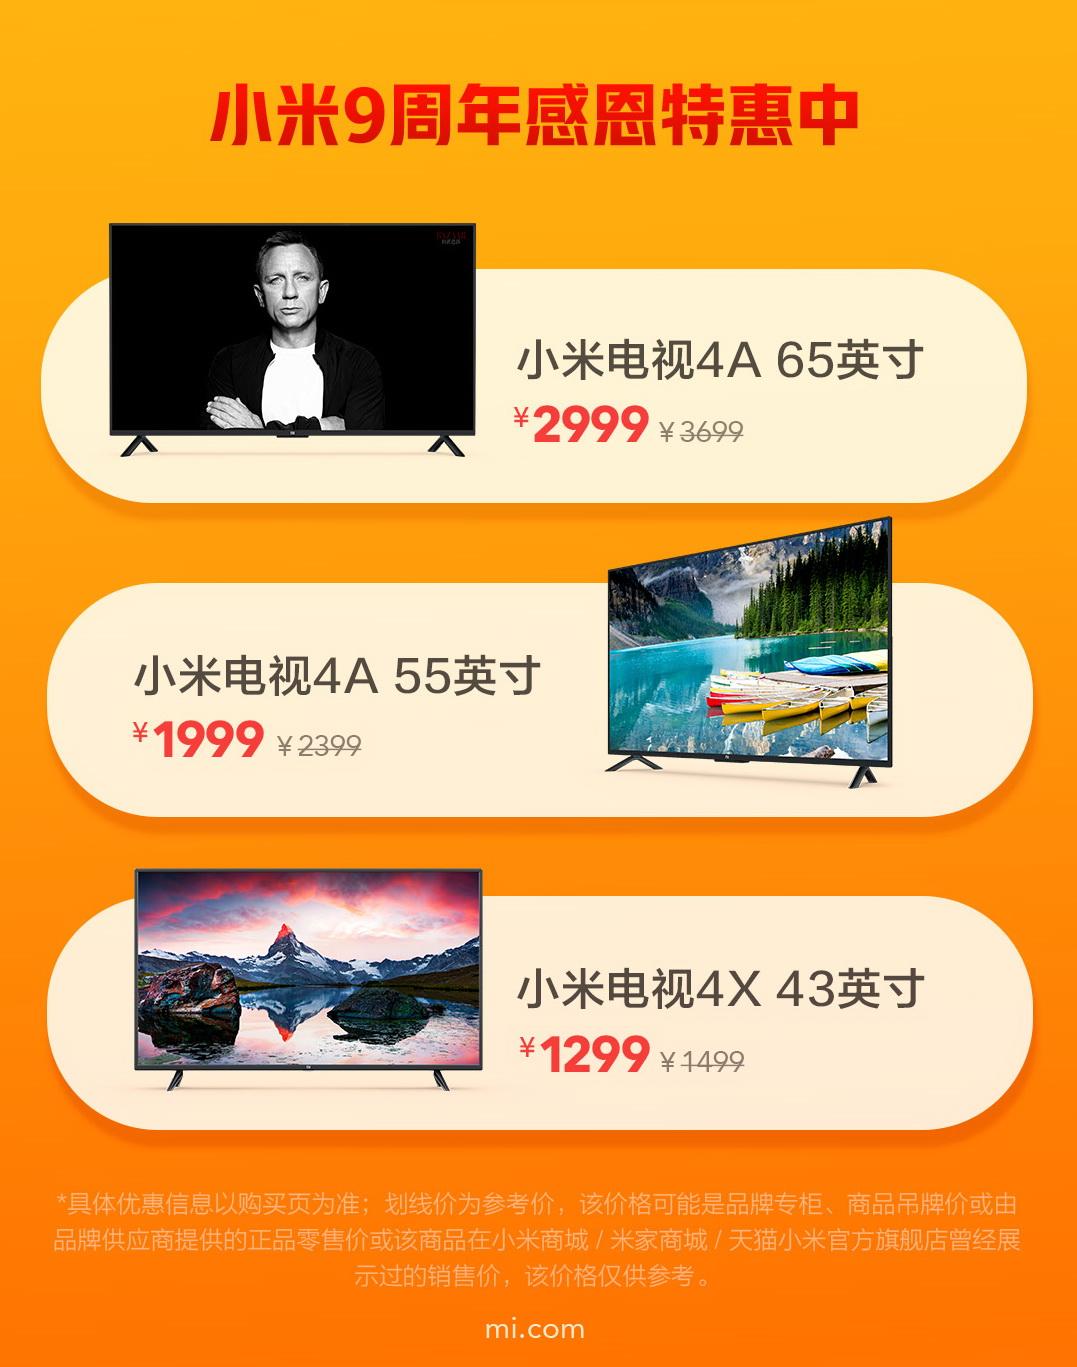 2小时单品销售额破亿!小米电视4A